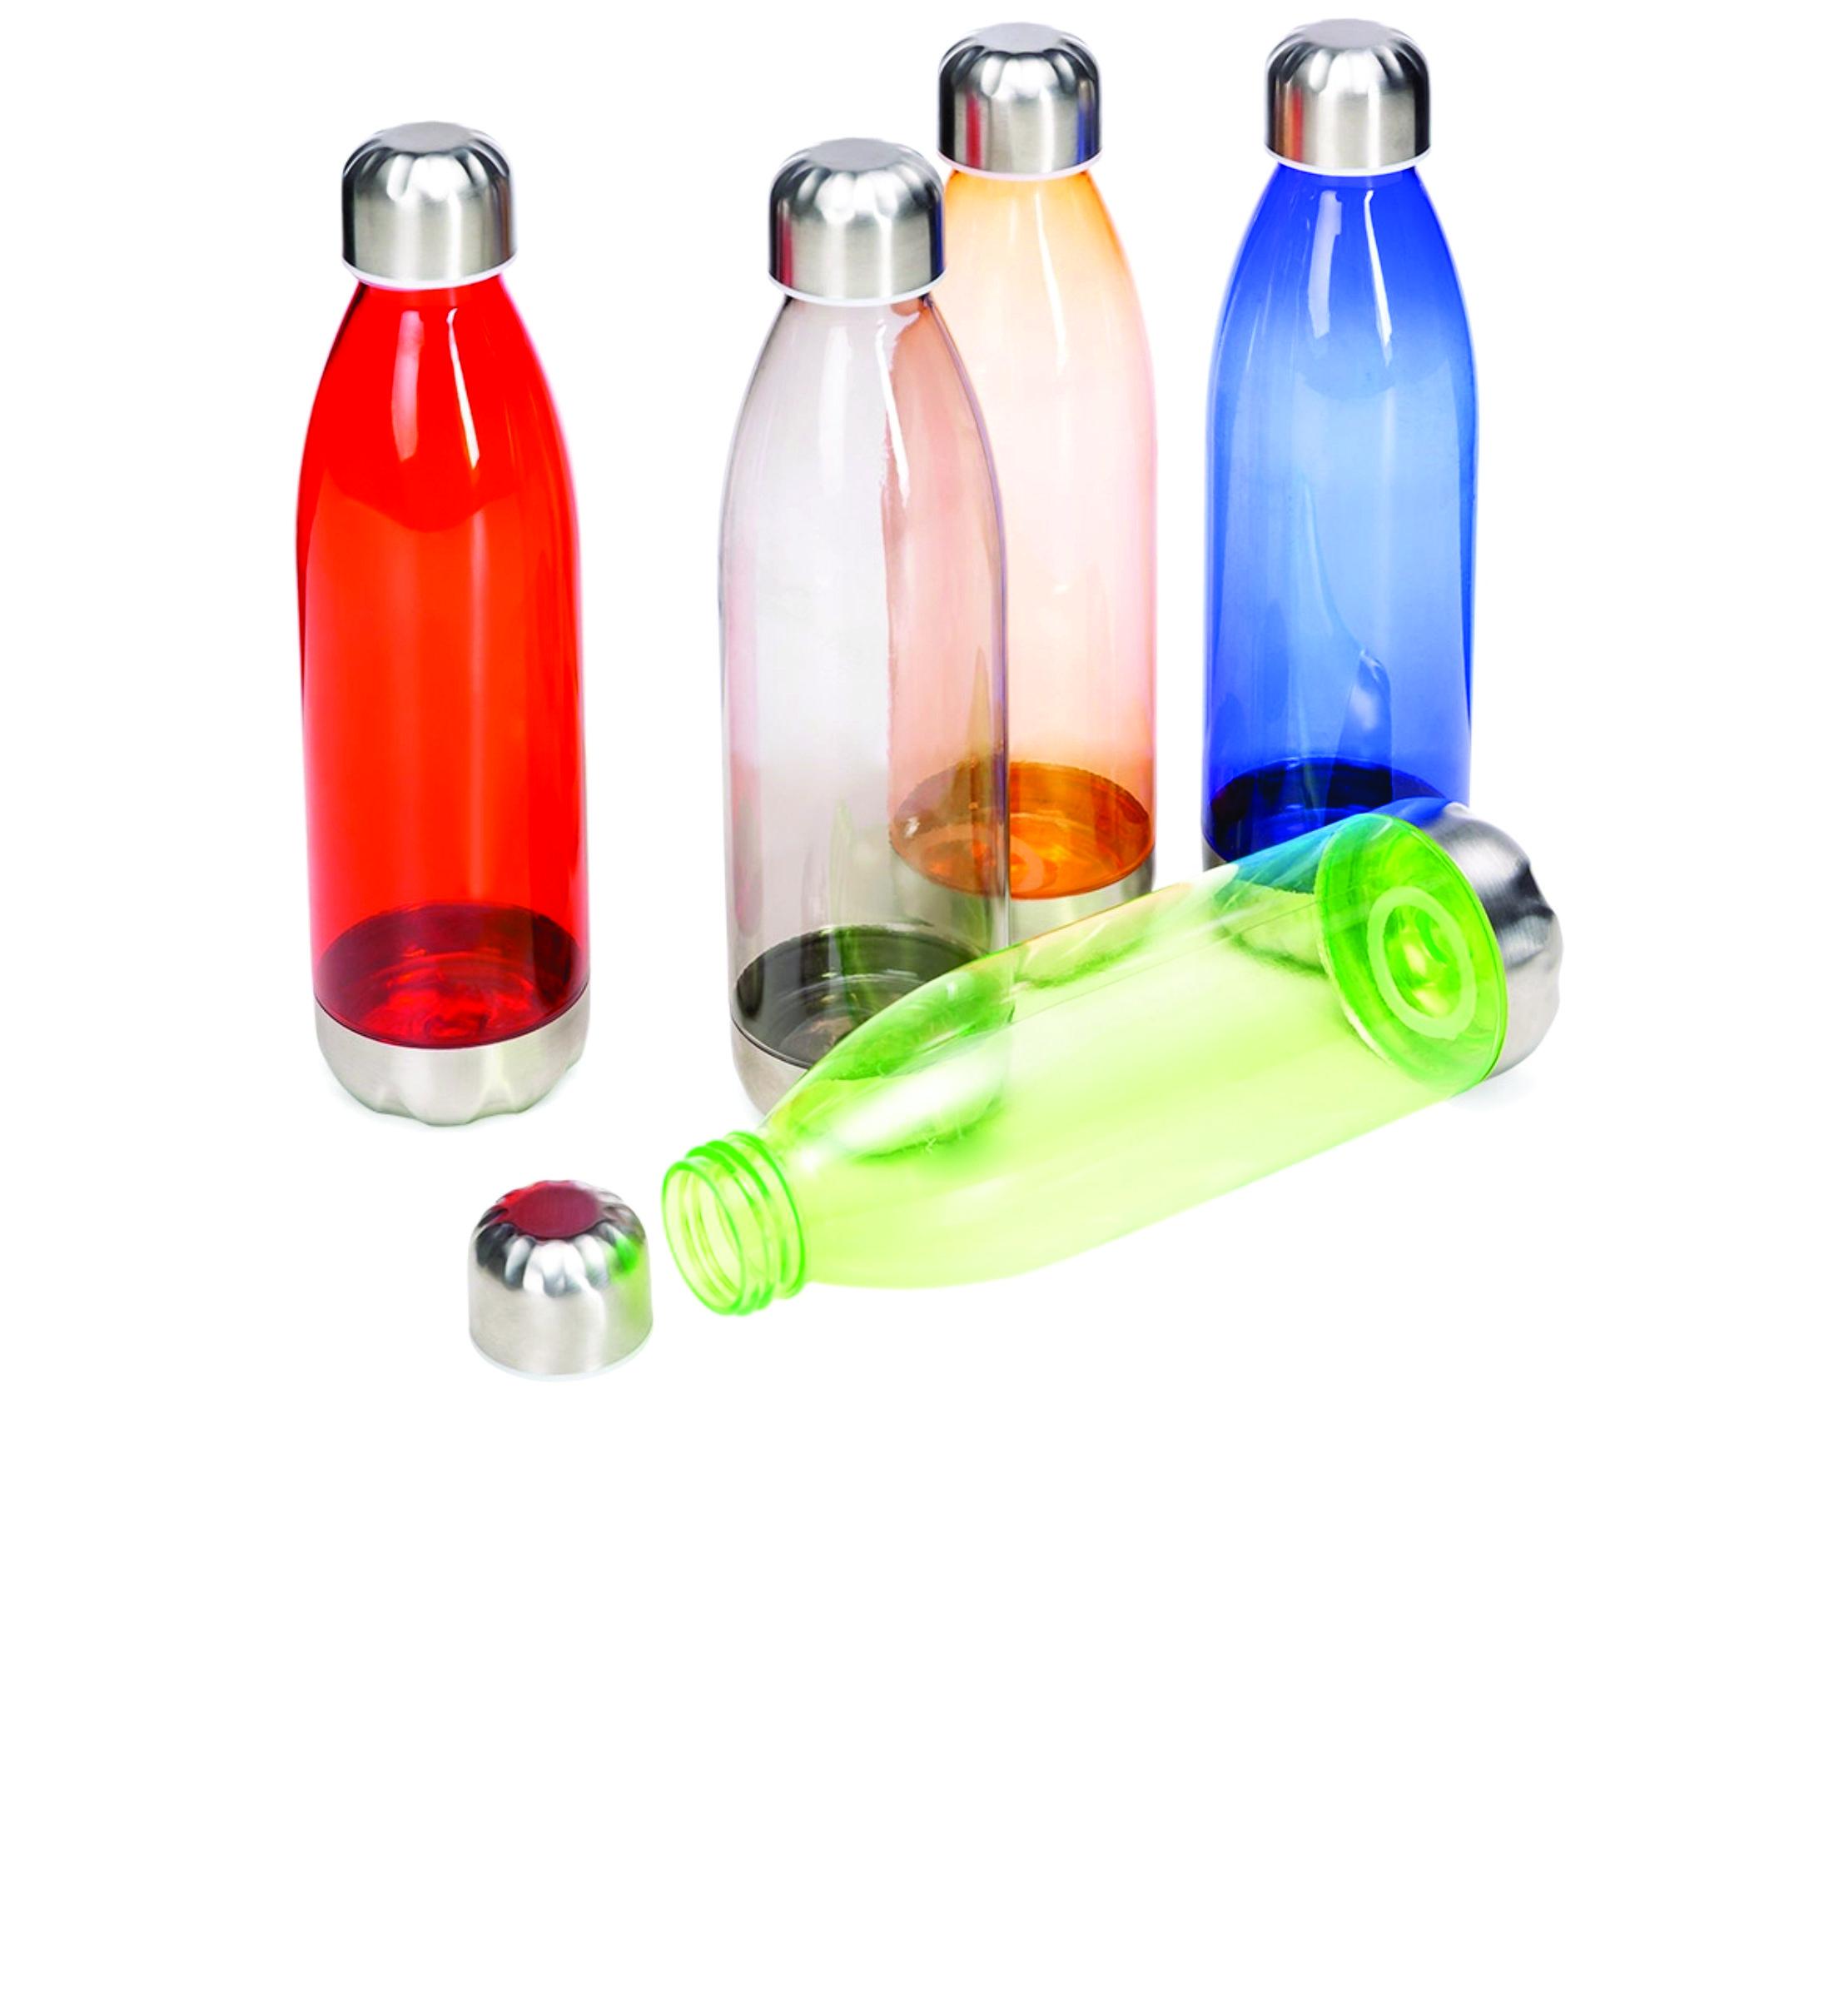 Squeeze 700ML plastica personalizada, squeeze pro personalizada, squeeze 700ML personalizada, squeeze 700ML aluminio. ,